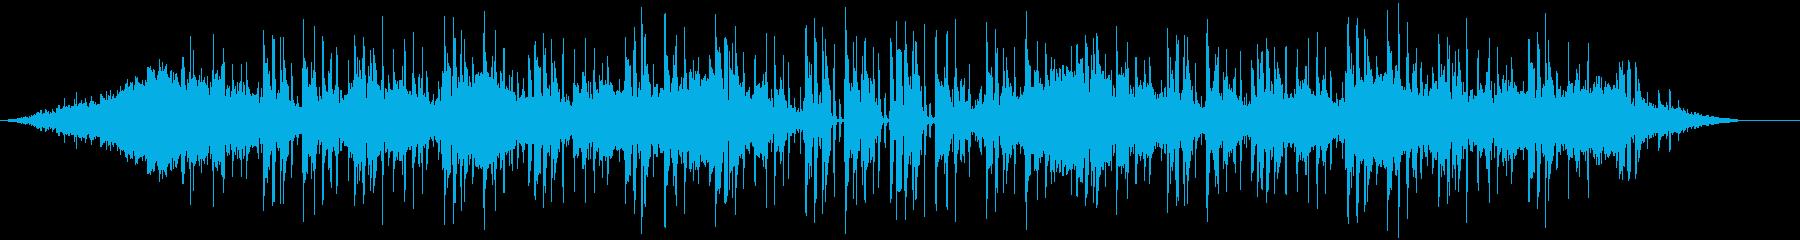 シンセとアコギストロークのみの曲です。の再生済みの波形